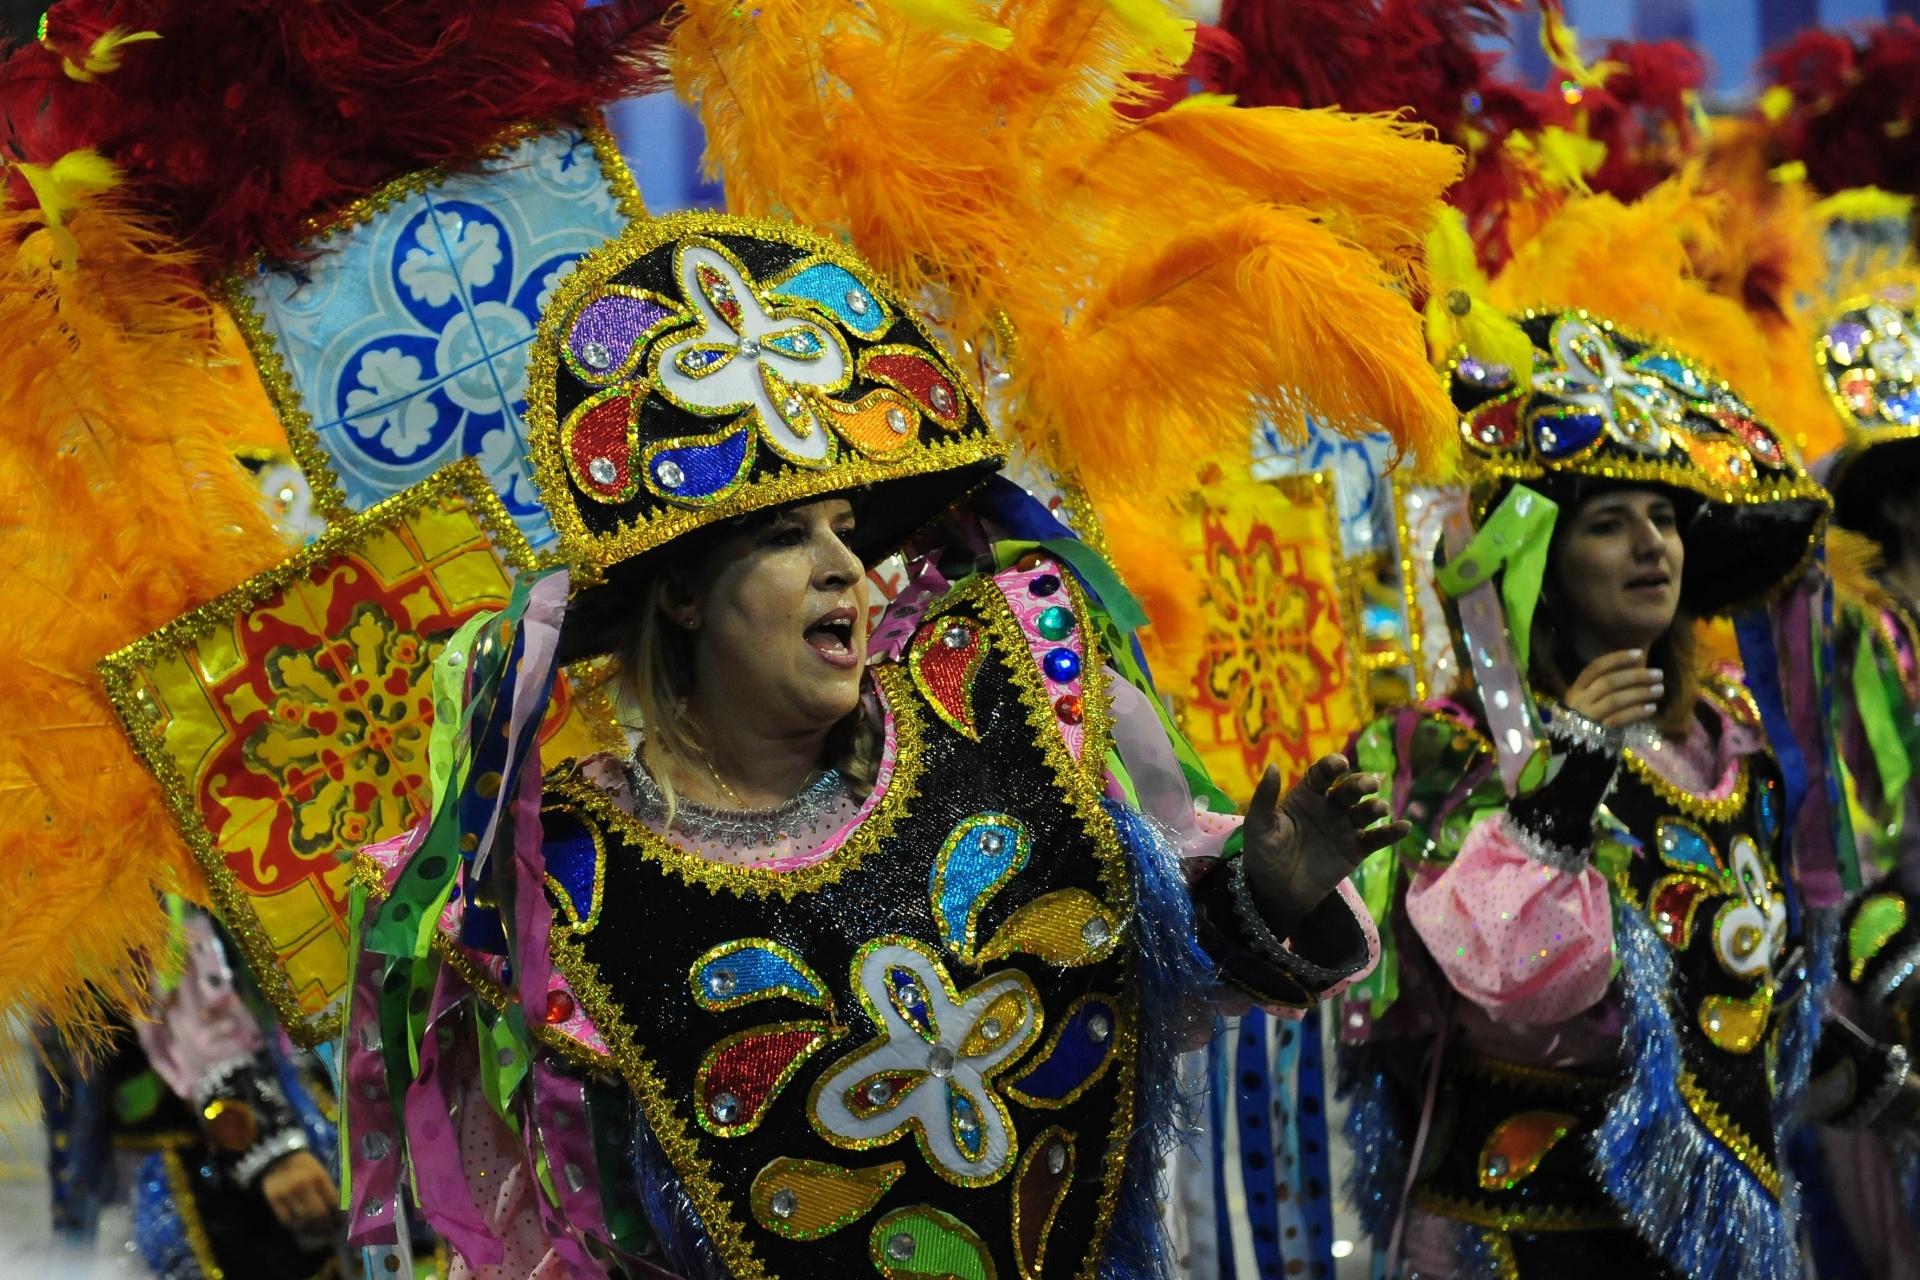 13.fev.2016 - A Acadêmicos do Tatuapé homenageou a Beija-Flor, tradicional escola de samba de Nil[opolis (RJ)